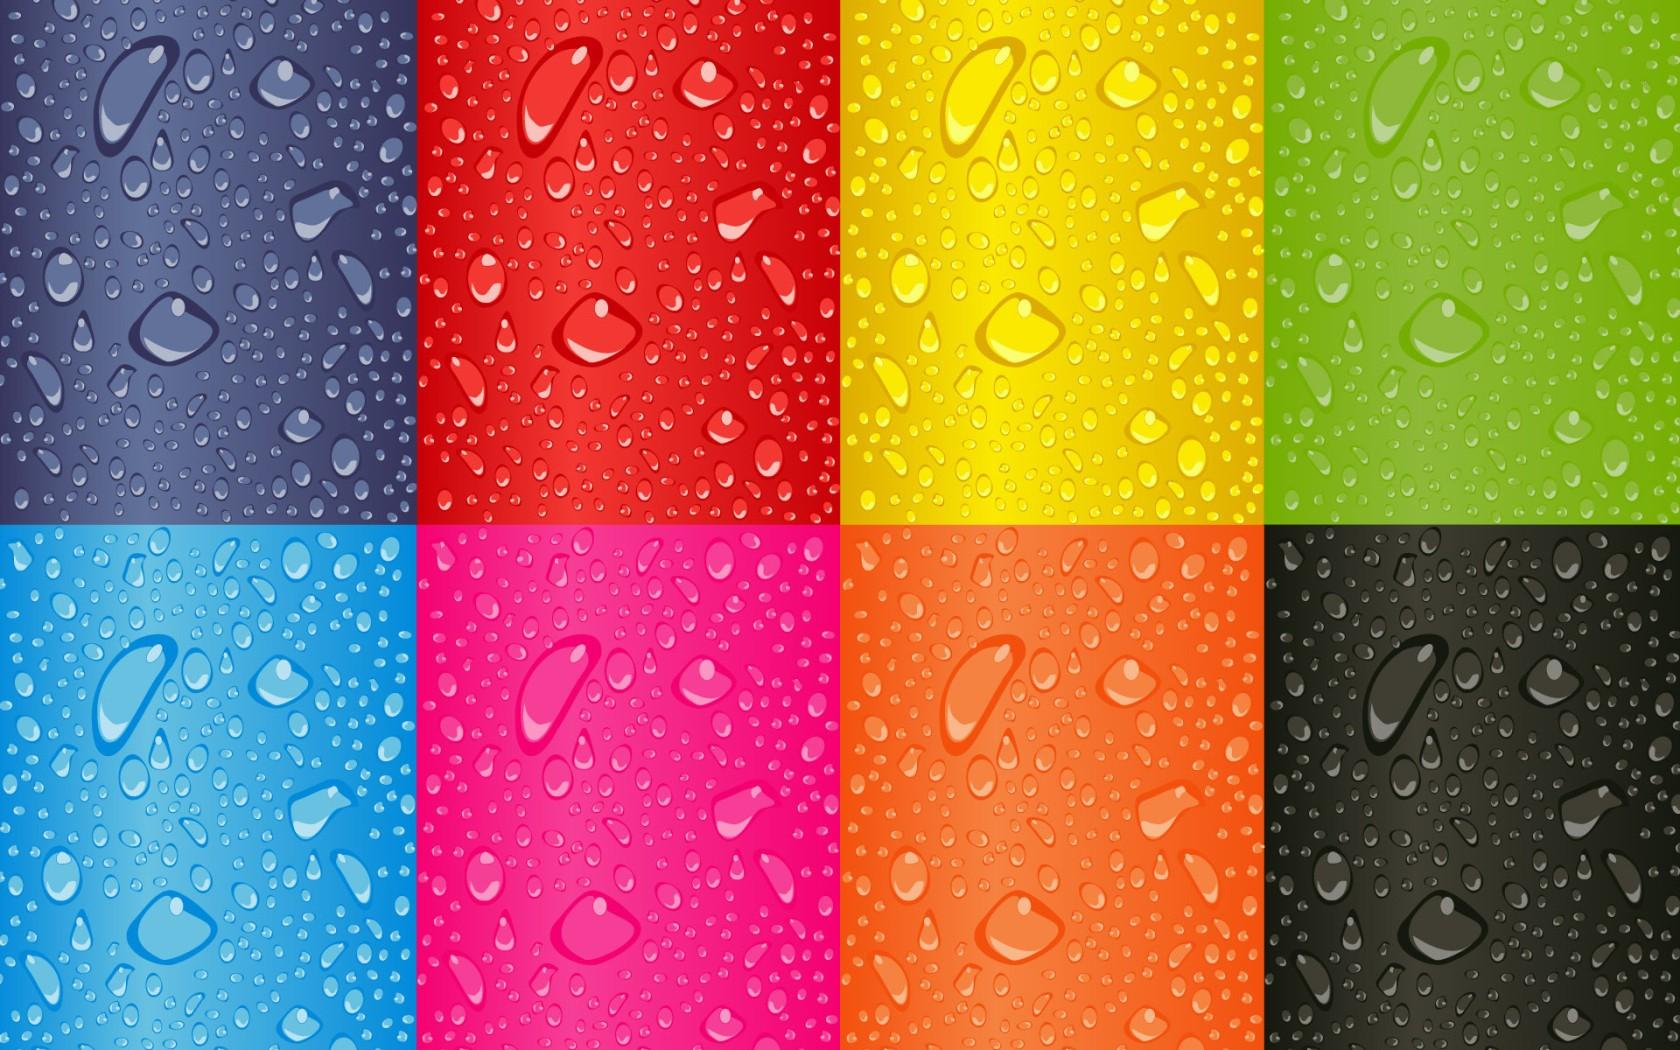 Cuadros de colores hd 1680x1050 imagenes wallpapers gratis variados fondos de pantallas - Cuadros de colores ...